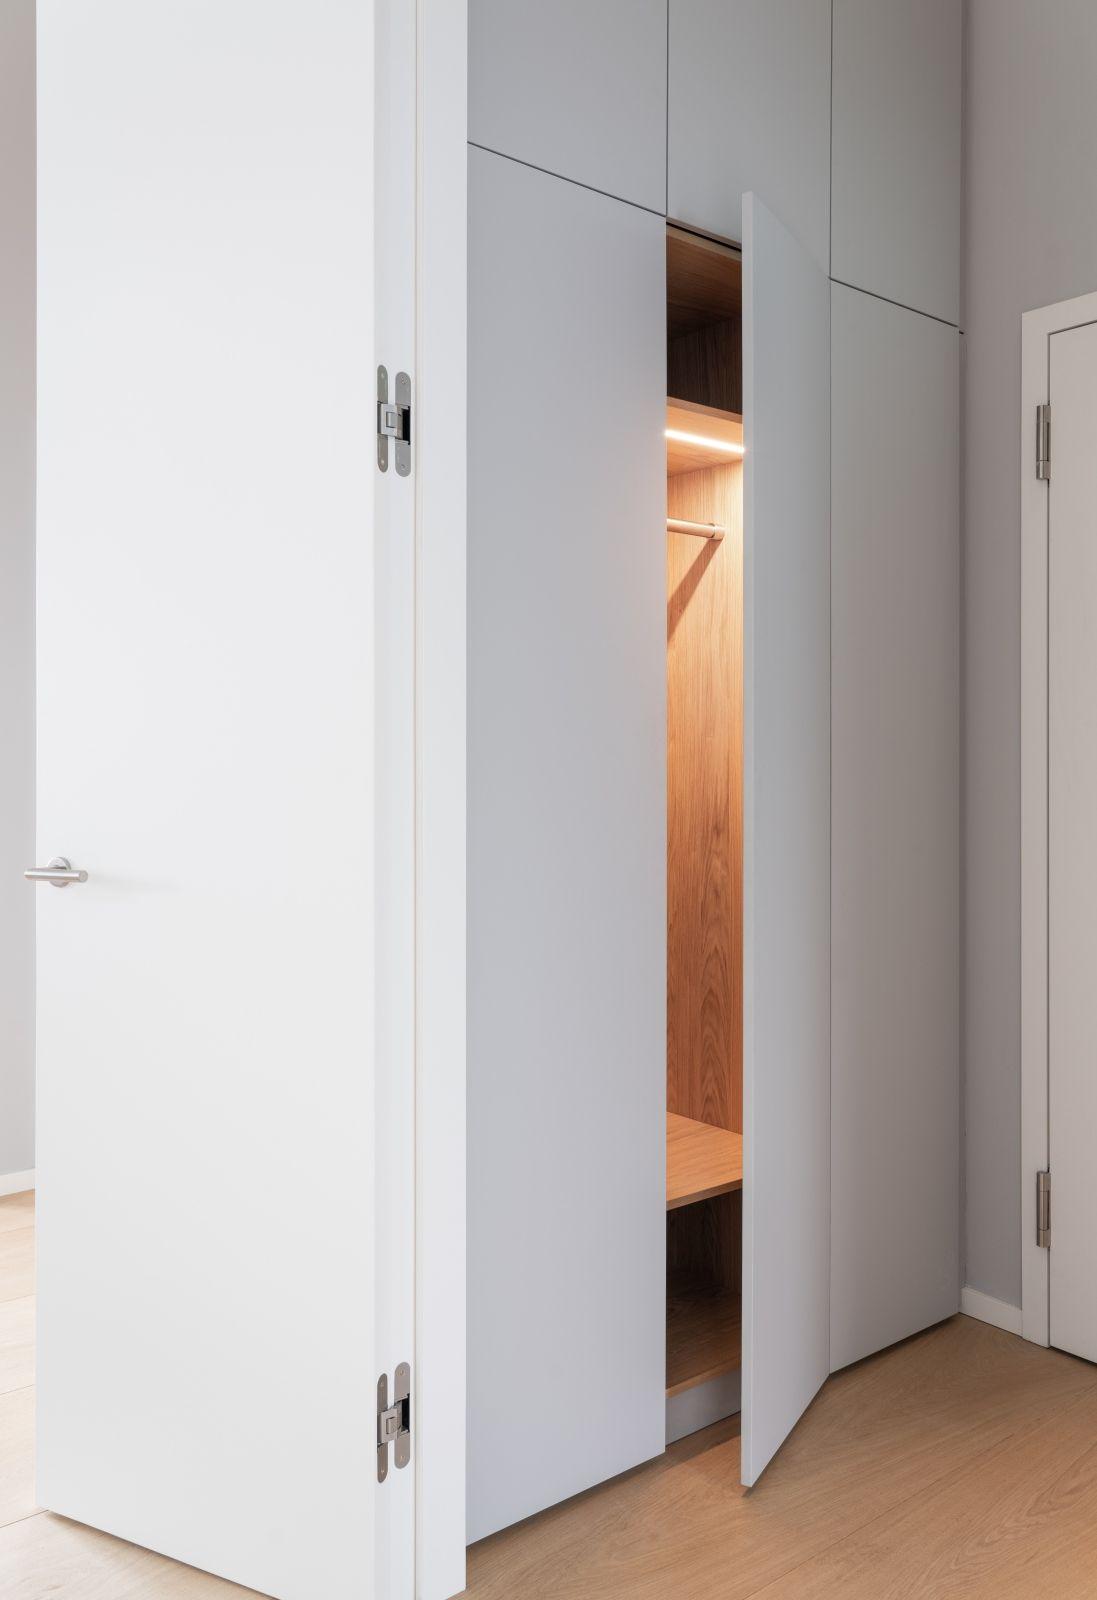 Ankleide Einbauschrank In 2020 Einbauschrank Einbauschrank Garderobe Schrank